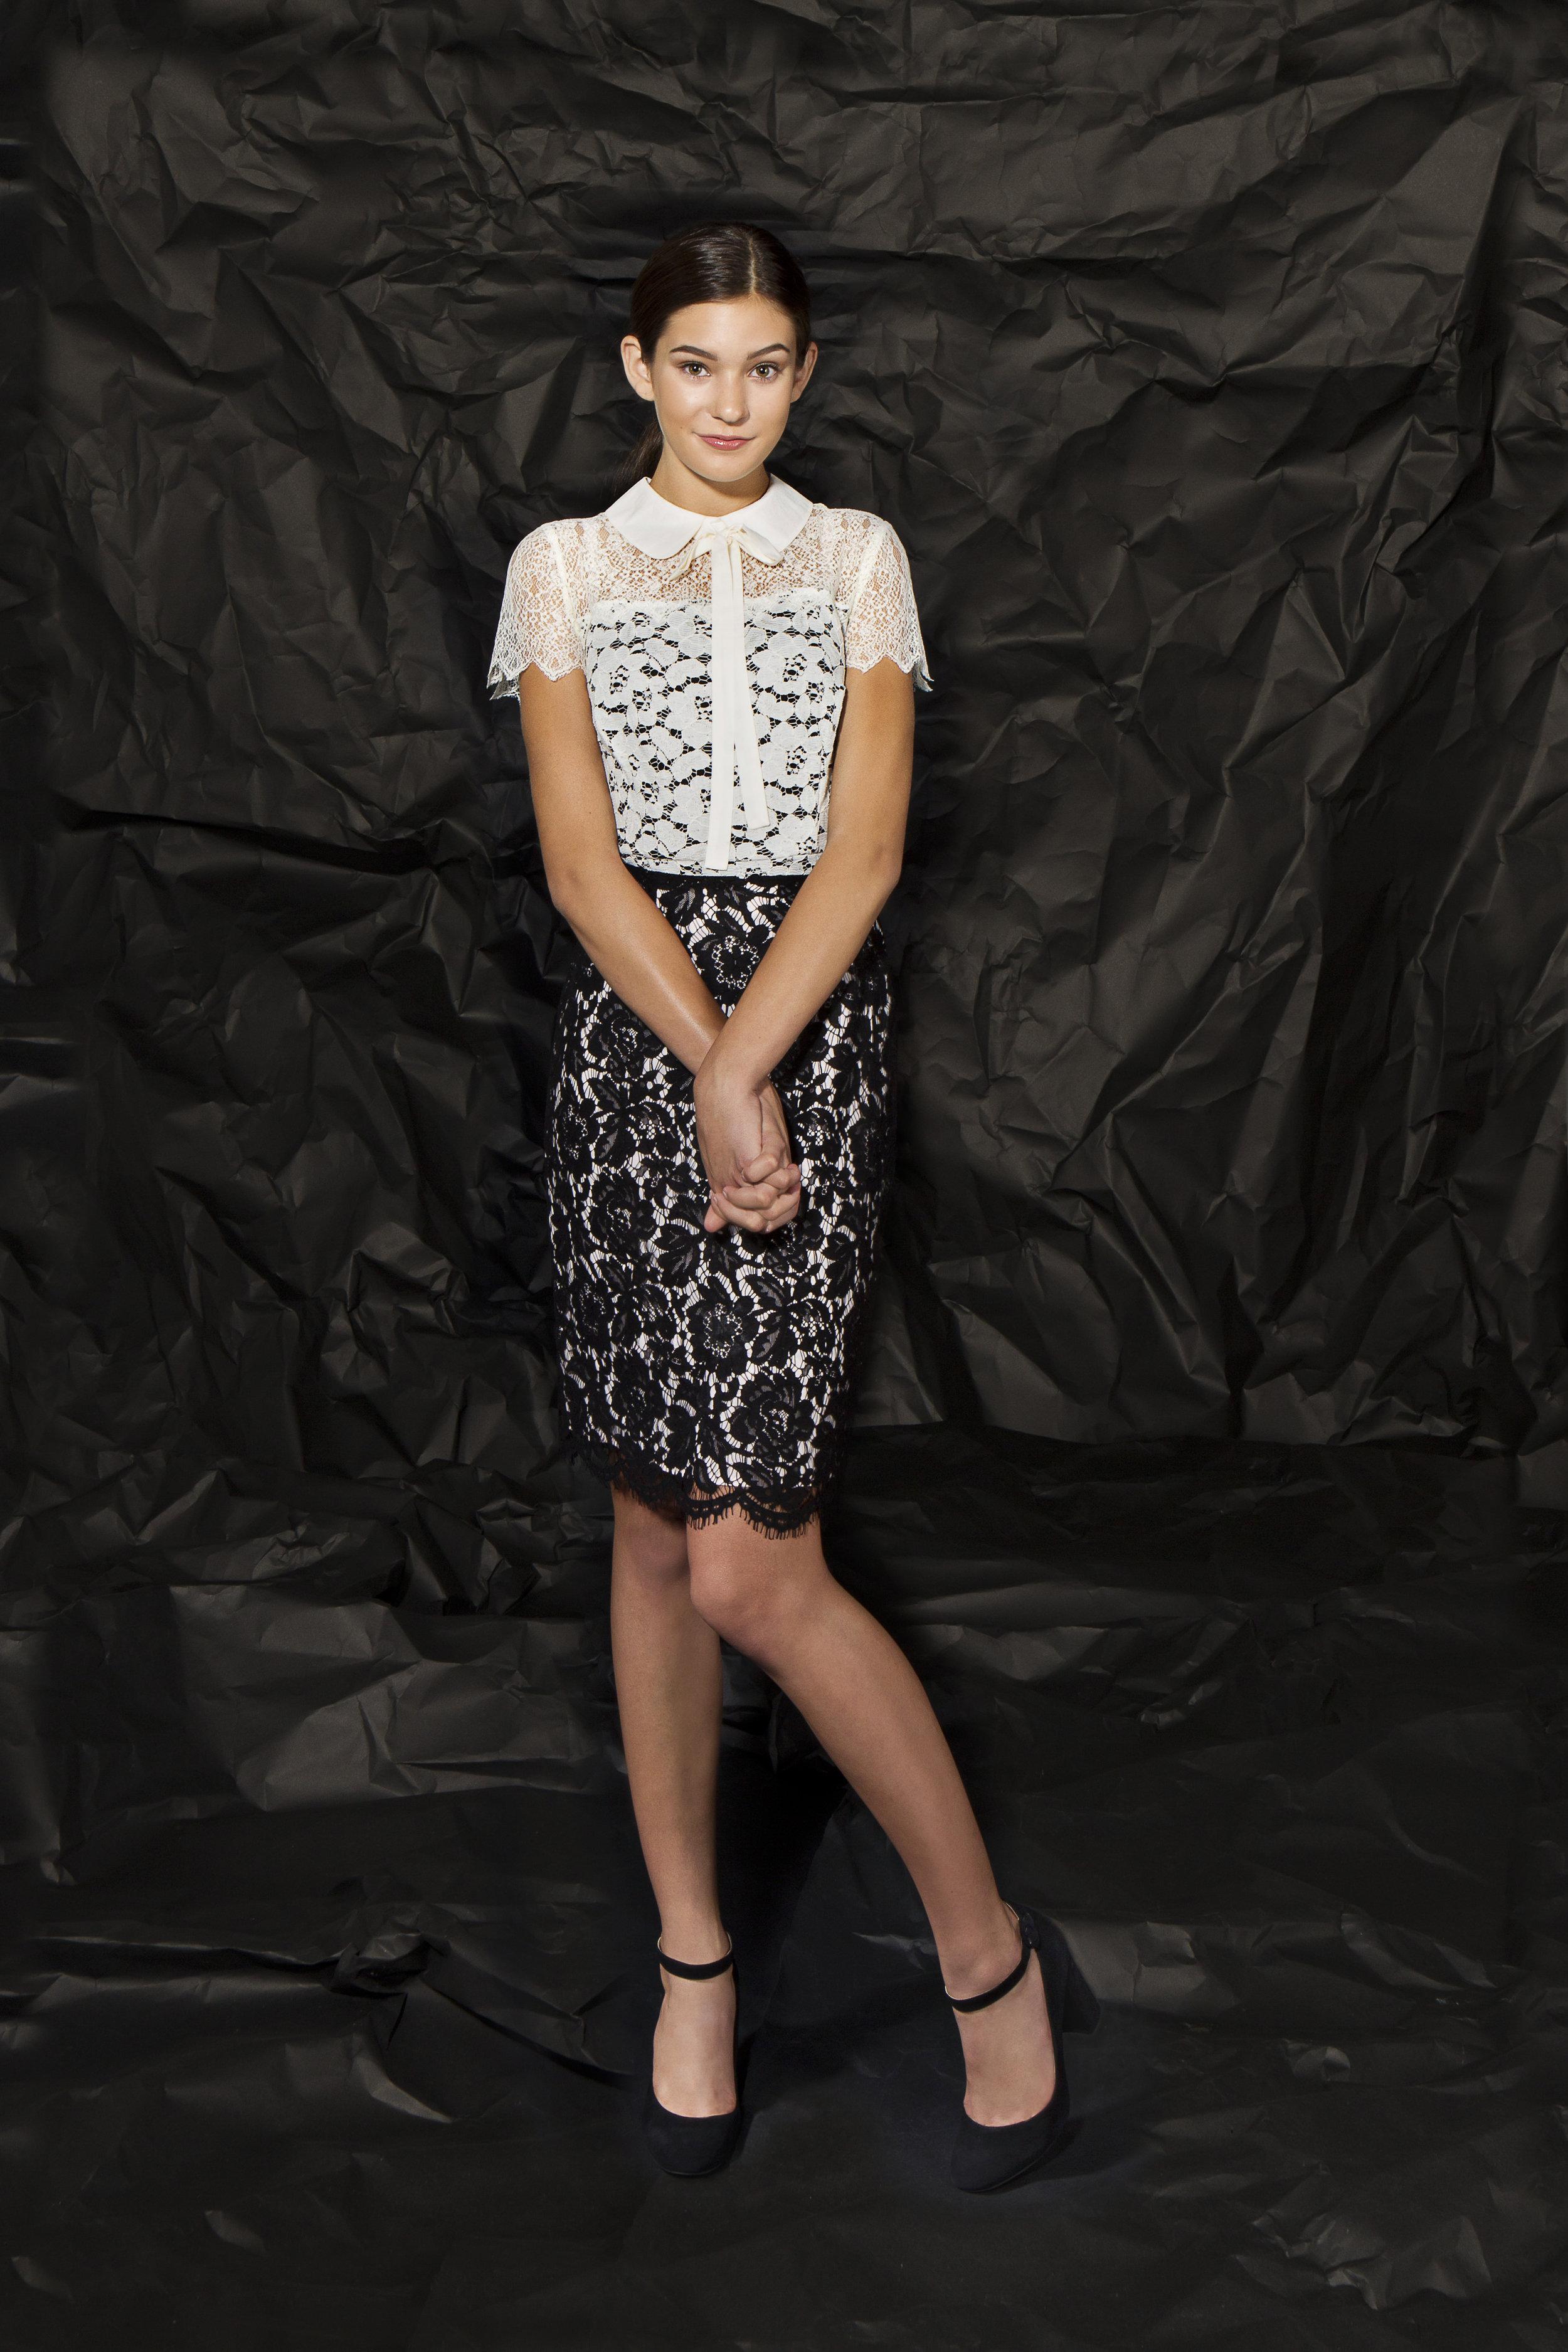 SIMPLY SWEET  top : Kensie | shoe : Marc Fisher